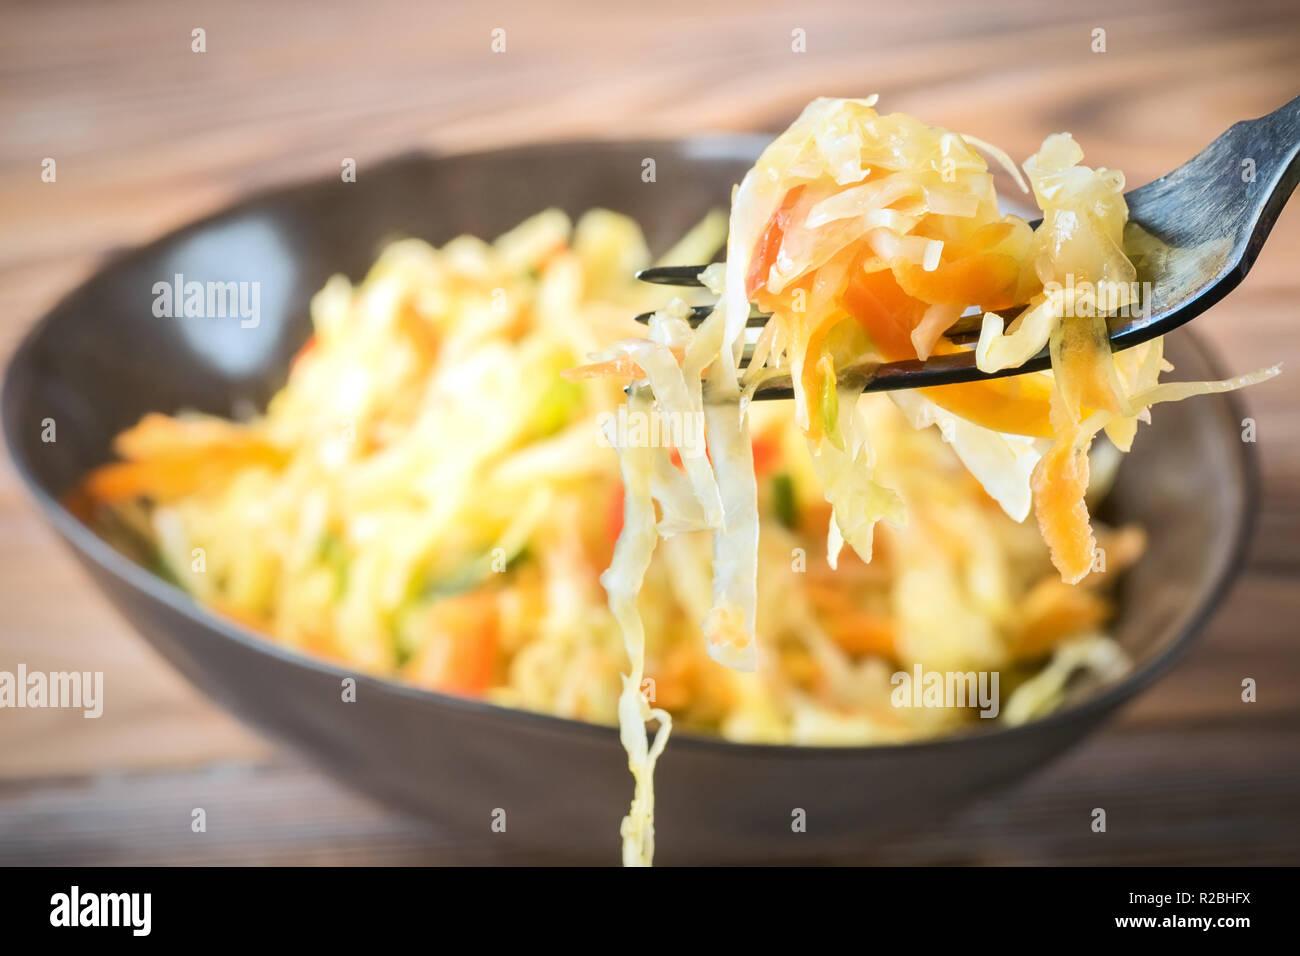 Salat Vorspeise Von Fermentierten Gemuse Sauerkraut Karotten Und